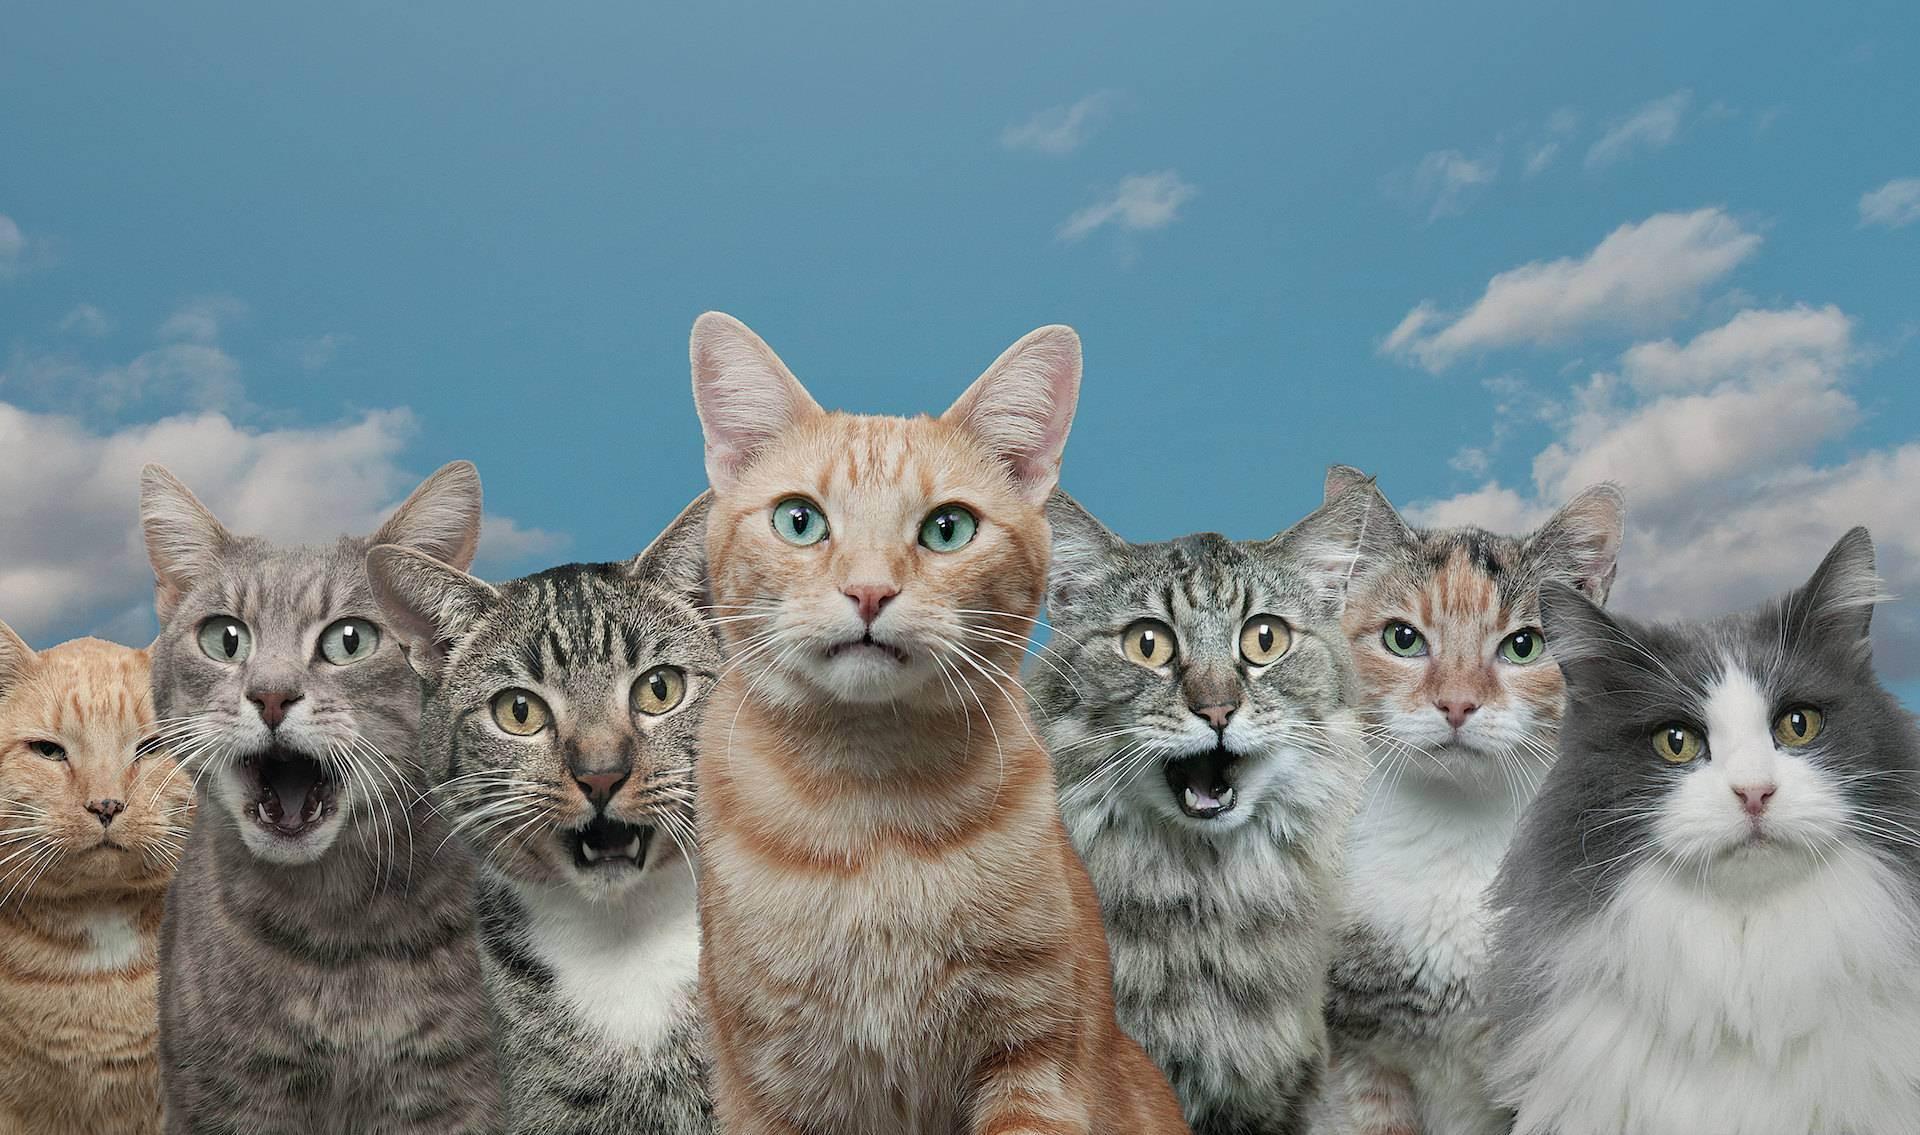 Кошки научились мяукать для общения с людьми. тонкости языка кошек